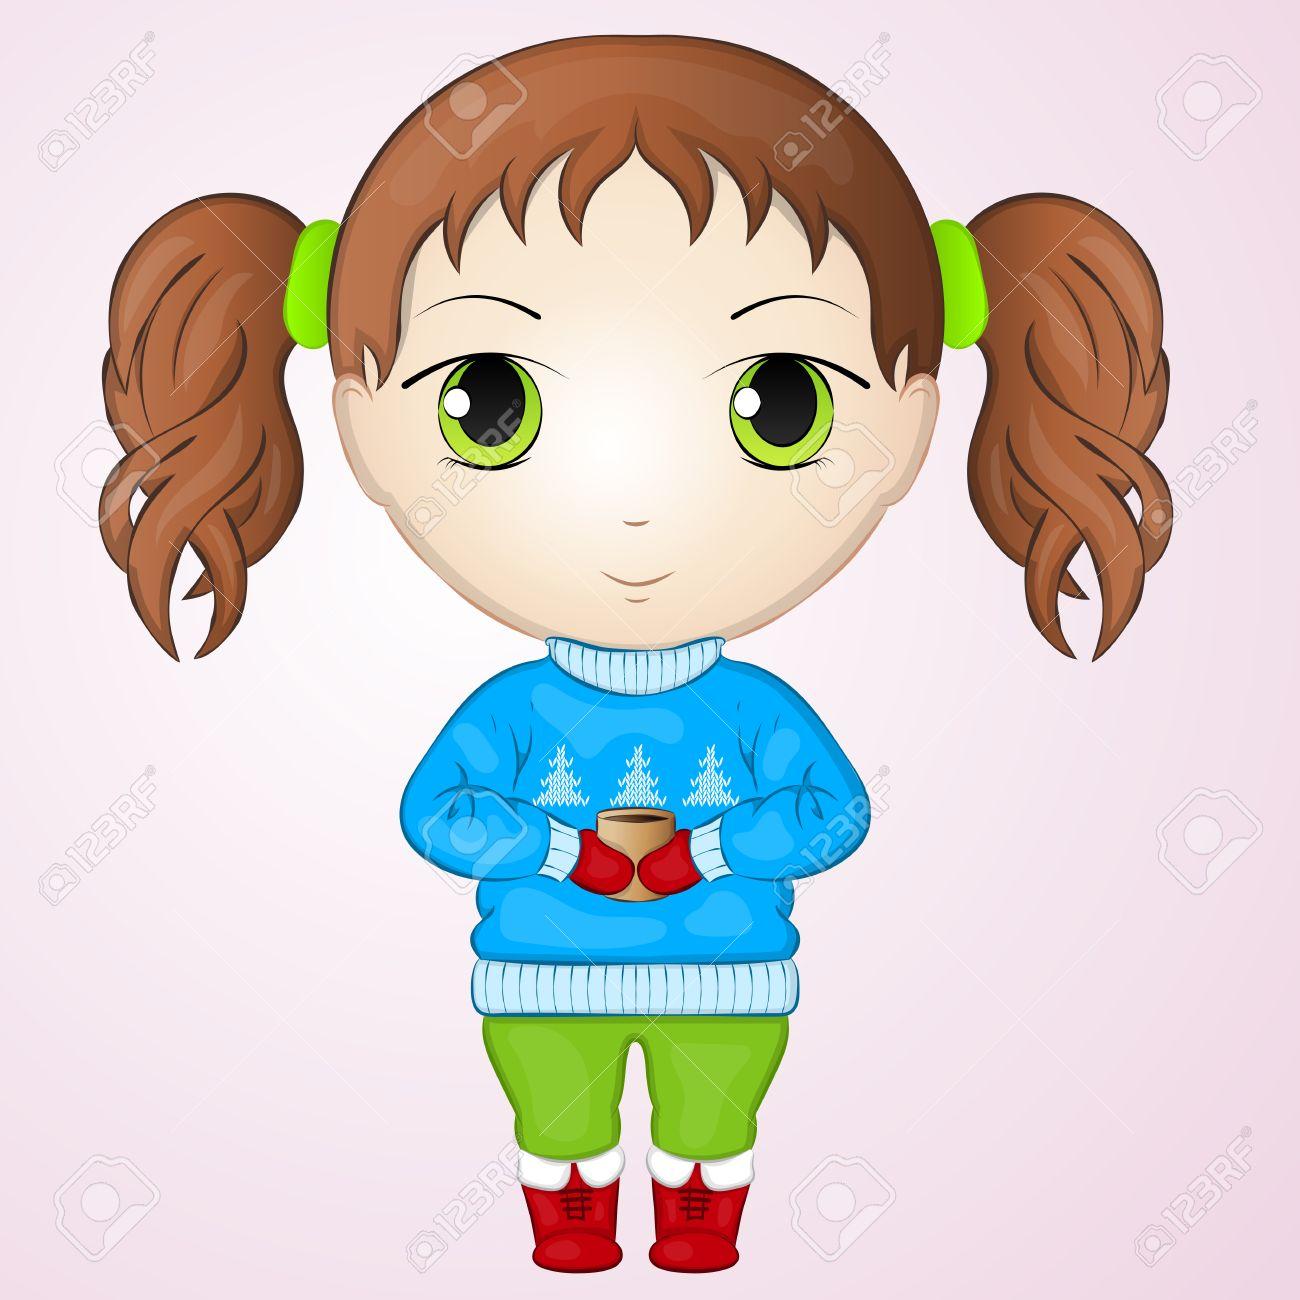 Banque dimages cute anime chibi petite fille portant un pull et tenant une tasse de thé chaud style de dessin animé simple illustration vectorielle